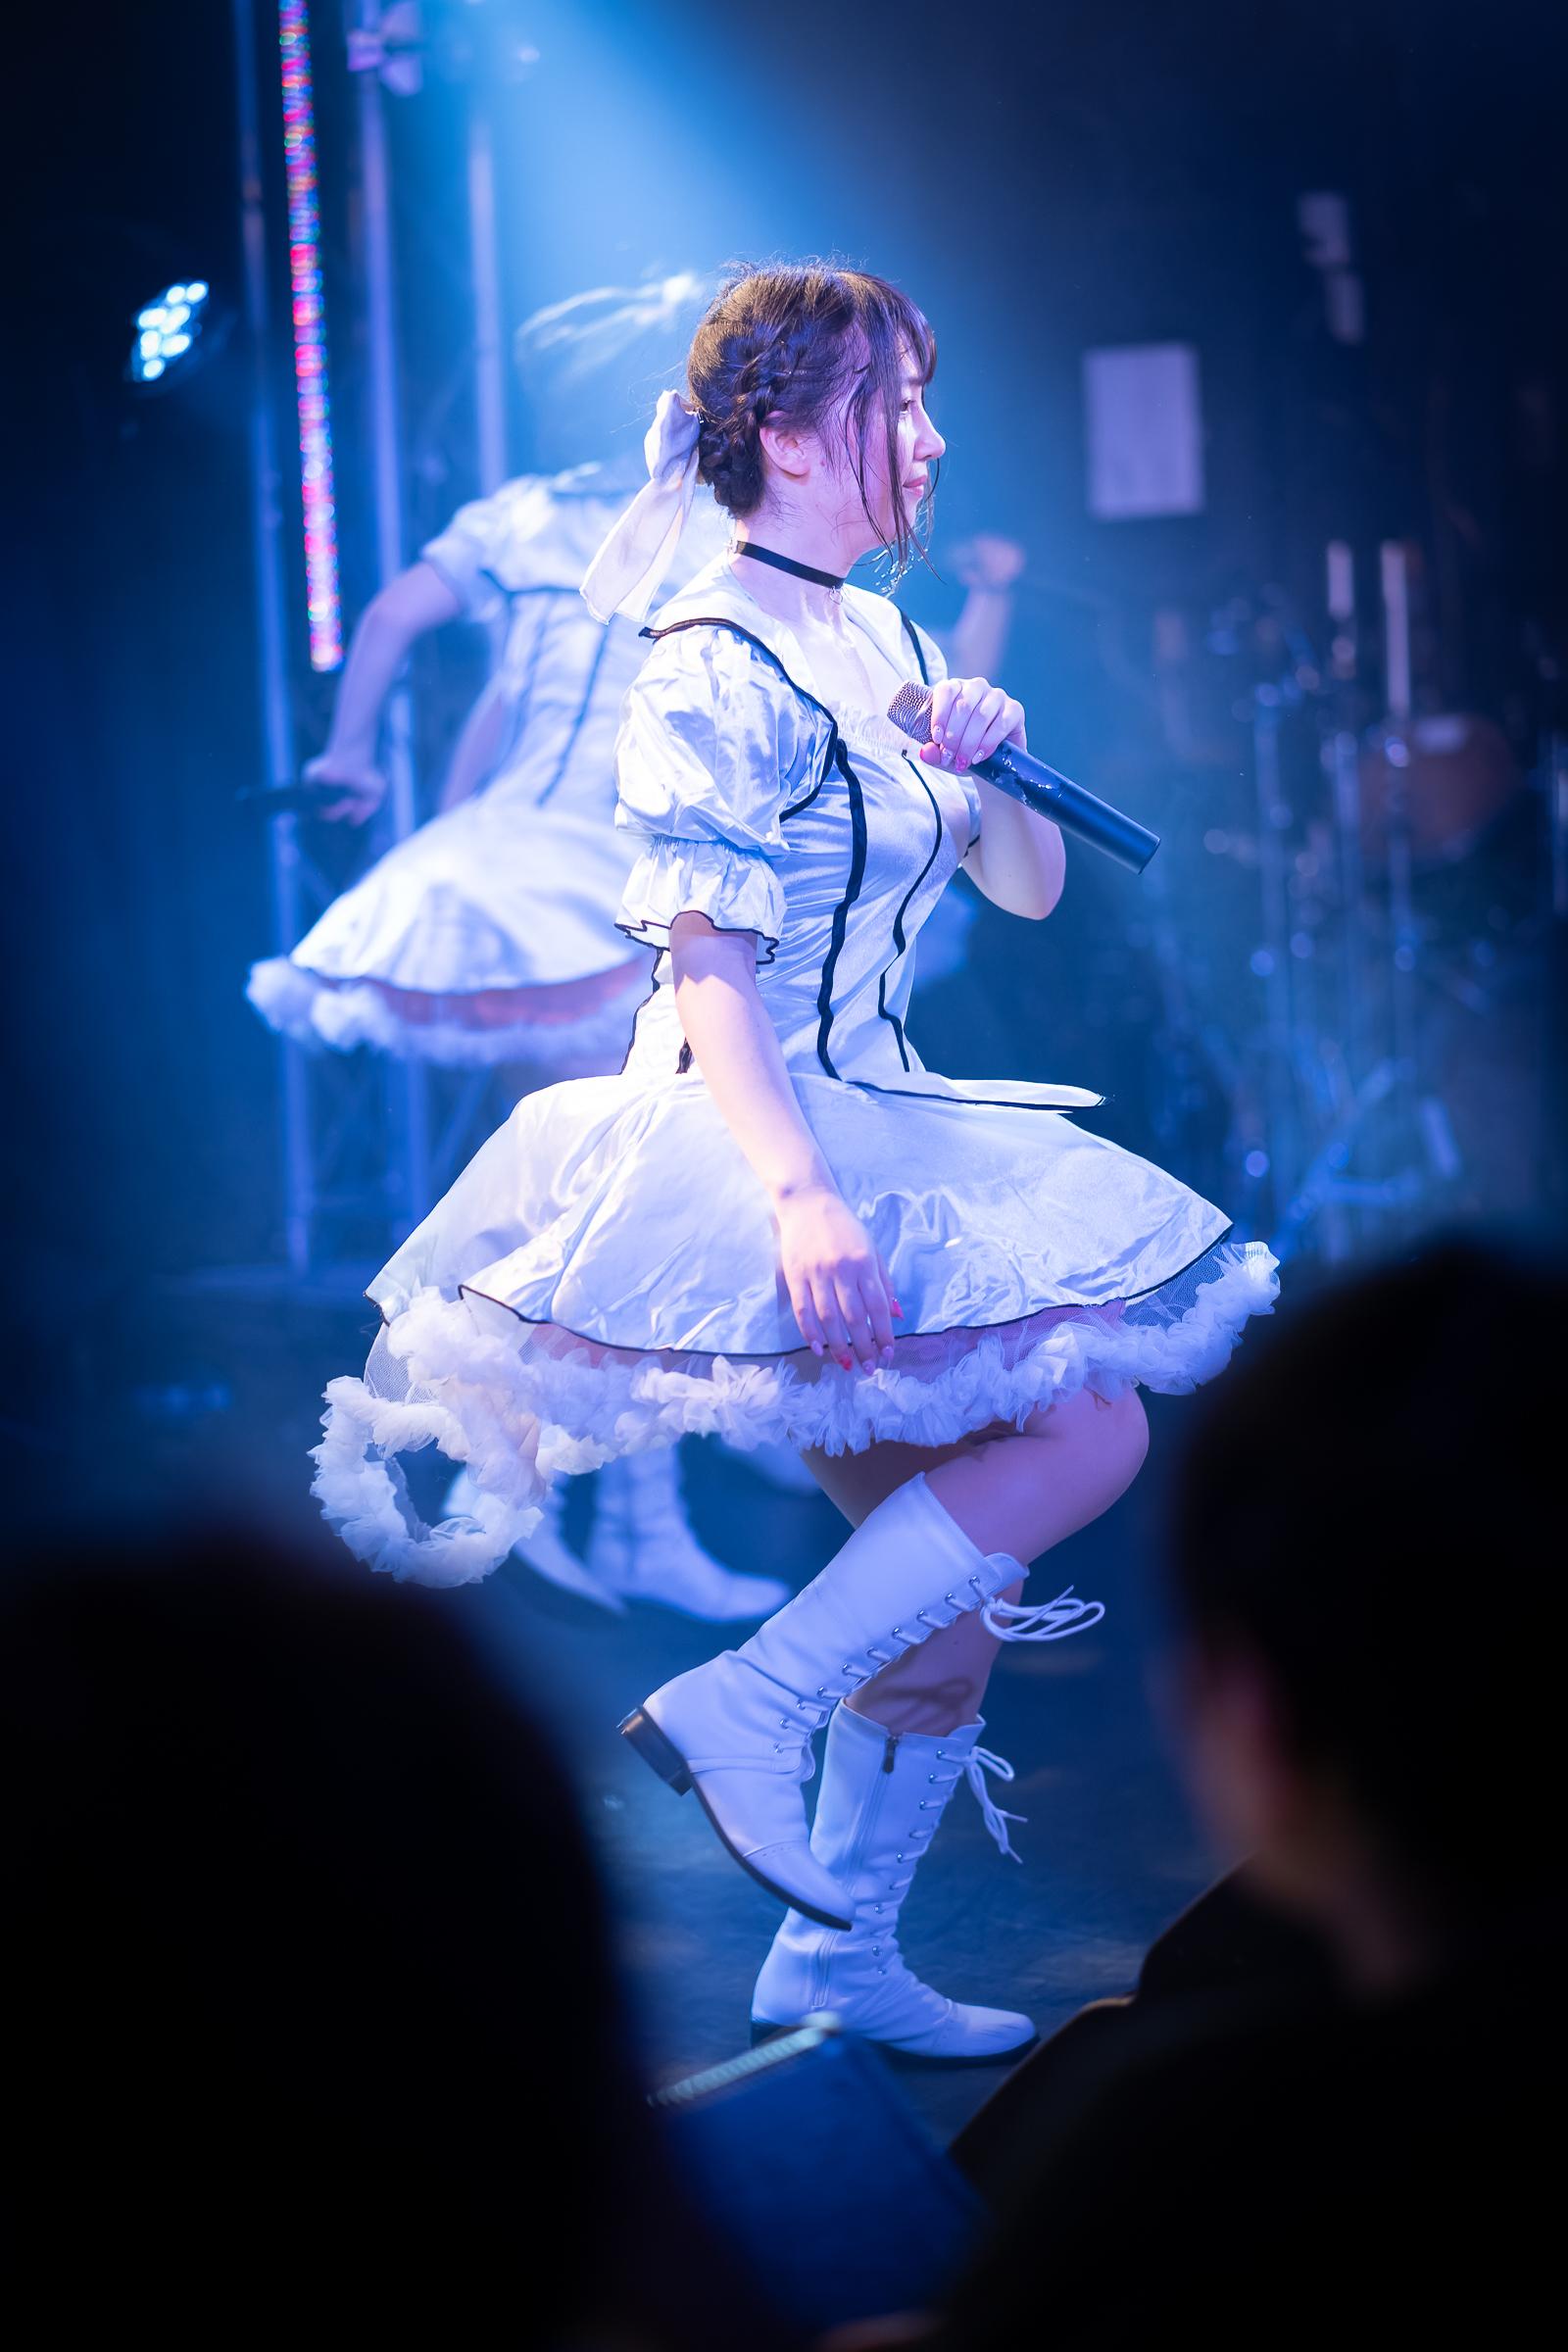 2代目HAPPY少女♪ きょうか ( 山田京佳 ) | ハピパvol.26〜みく、きょうか2周年記念ライブ〜